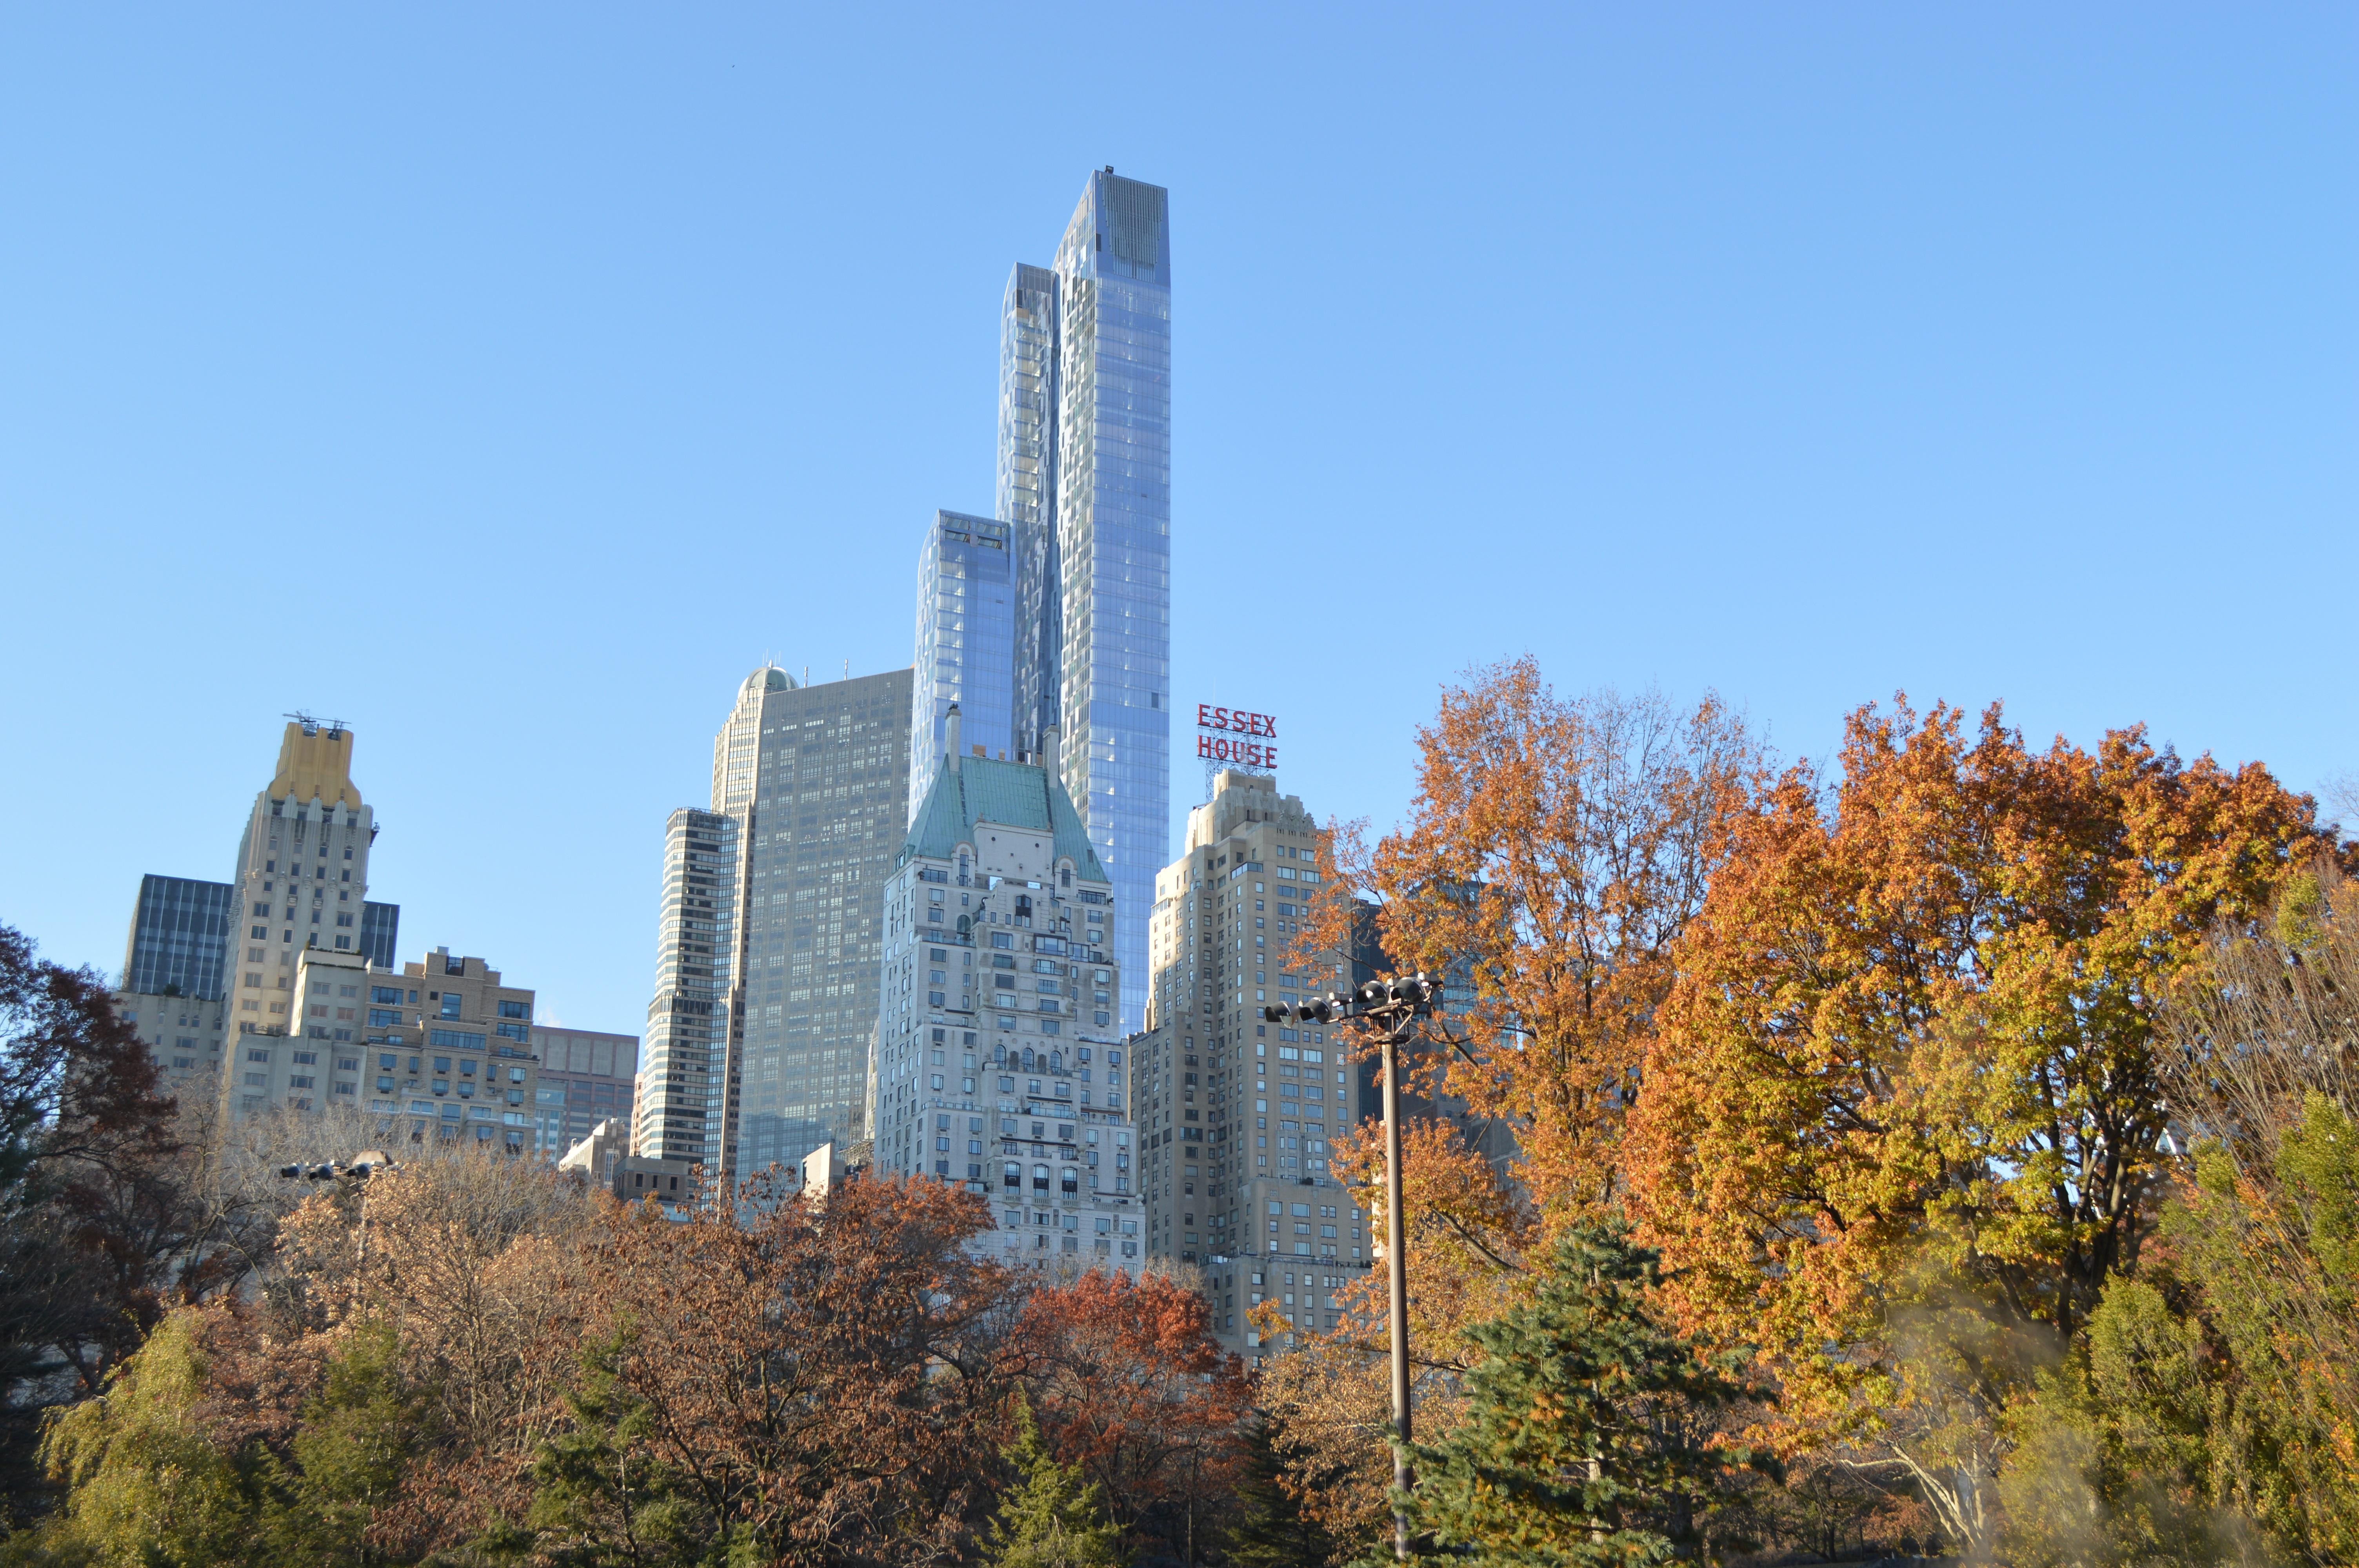 rbol horizonte ciudad rascacielos nueva york paisaje urbano centro de la ciudad torre otoo parque punto